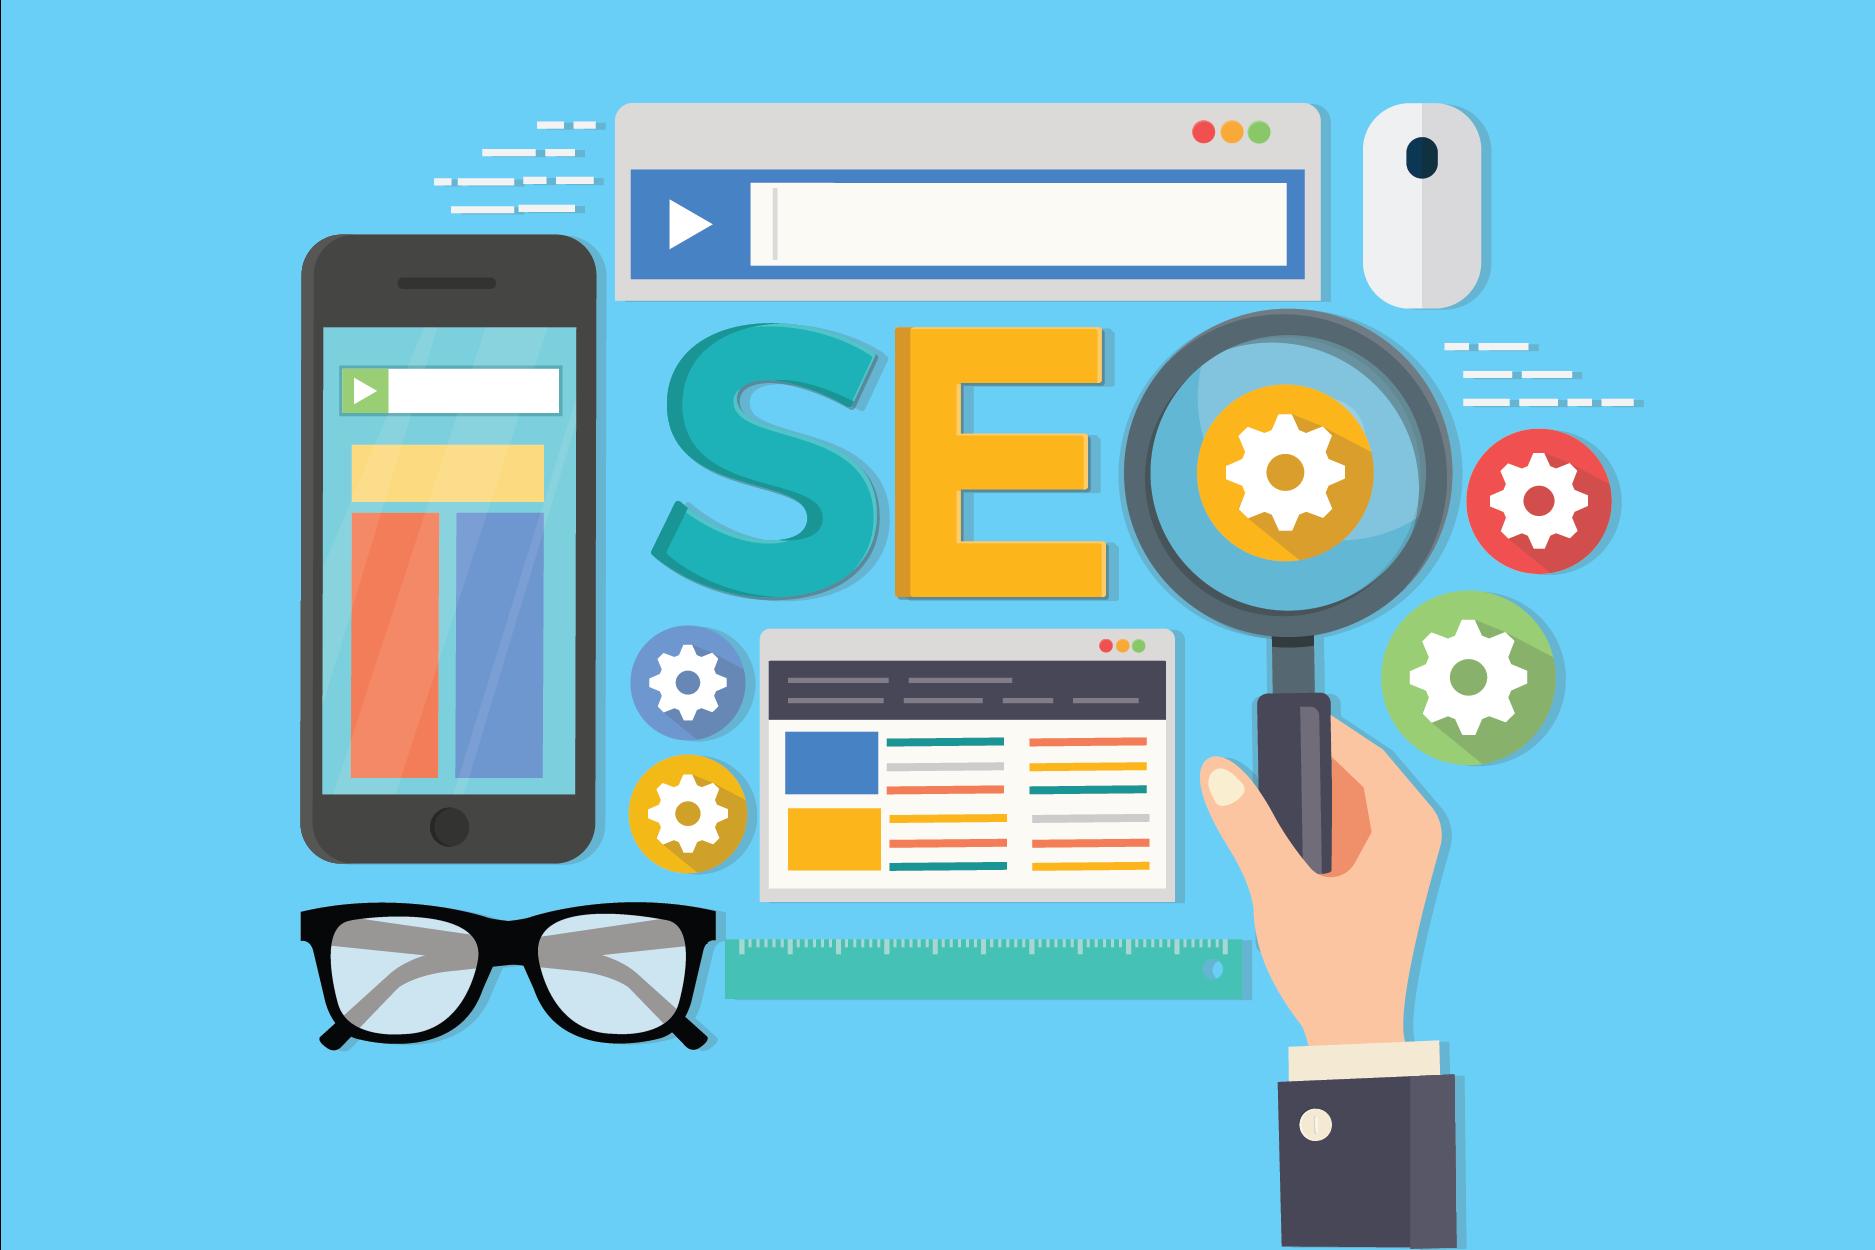 検索意図をリサーチするとGoogle検索のSEO対策になる理由